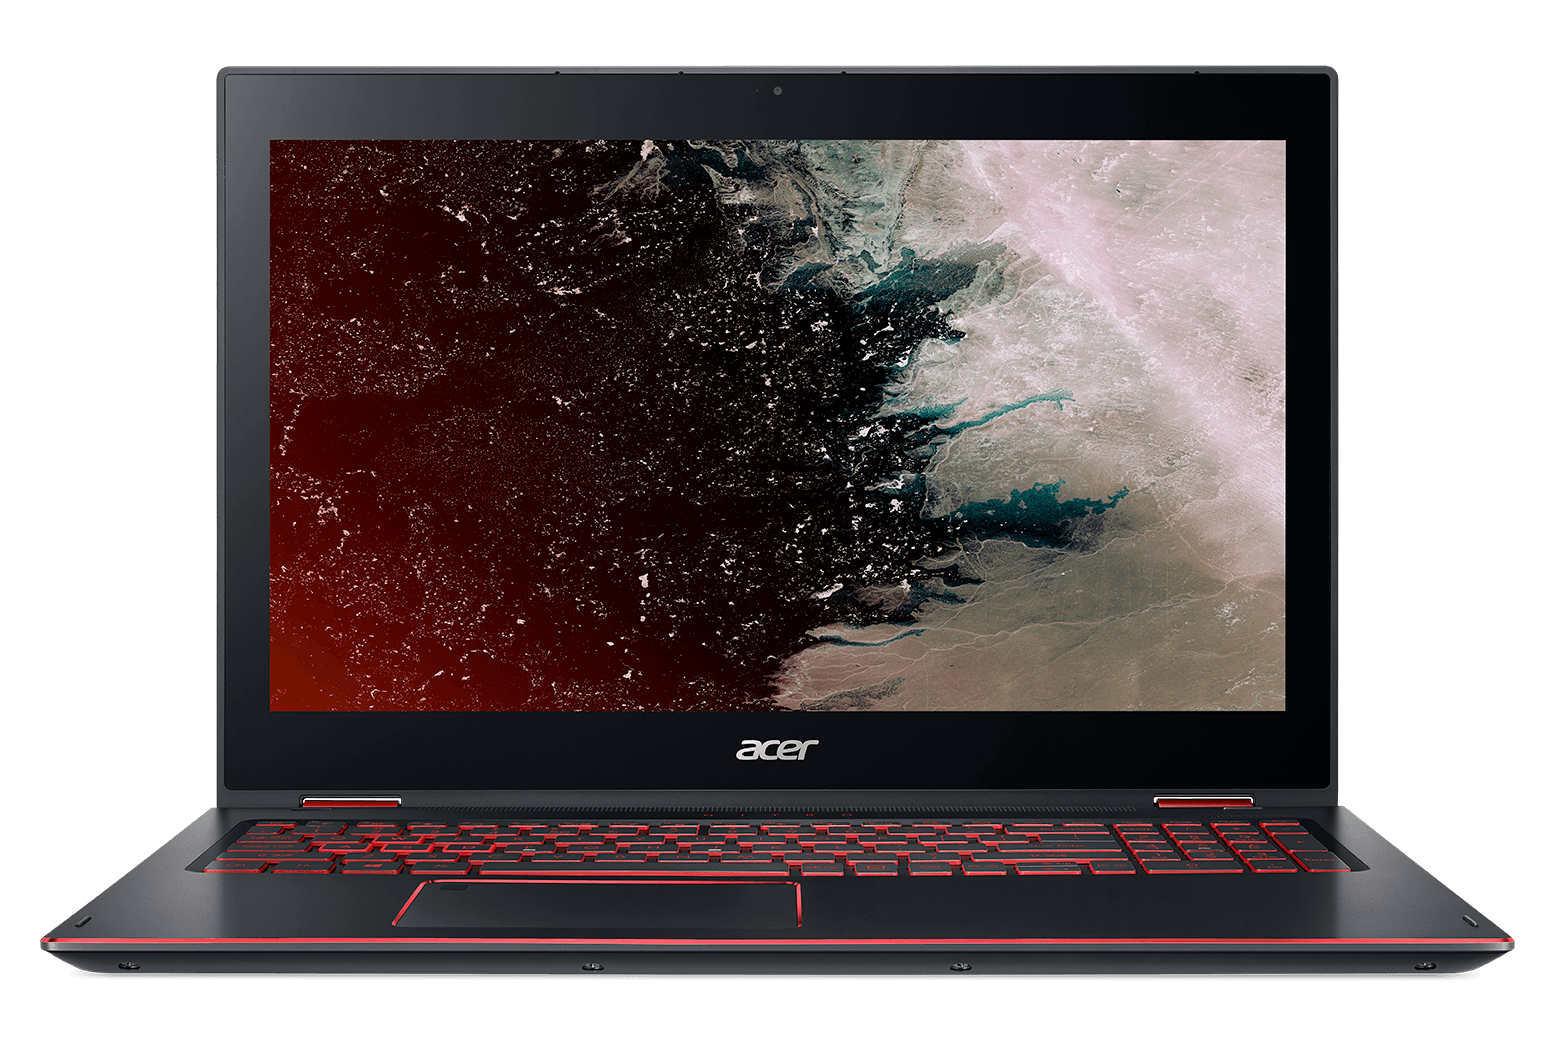 Acer выпустил игровой ультрабук-трансформер Nitro 5 Spin (AN NP515 51 wp 01)